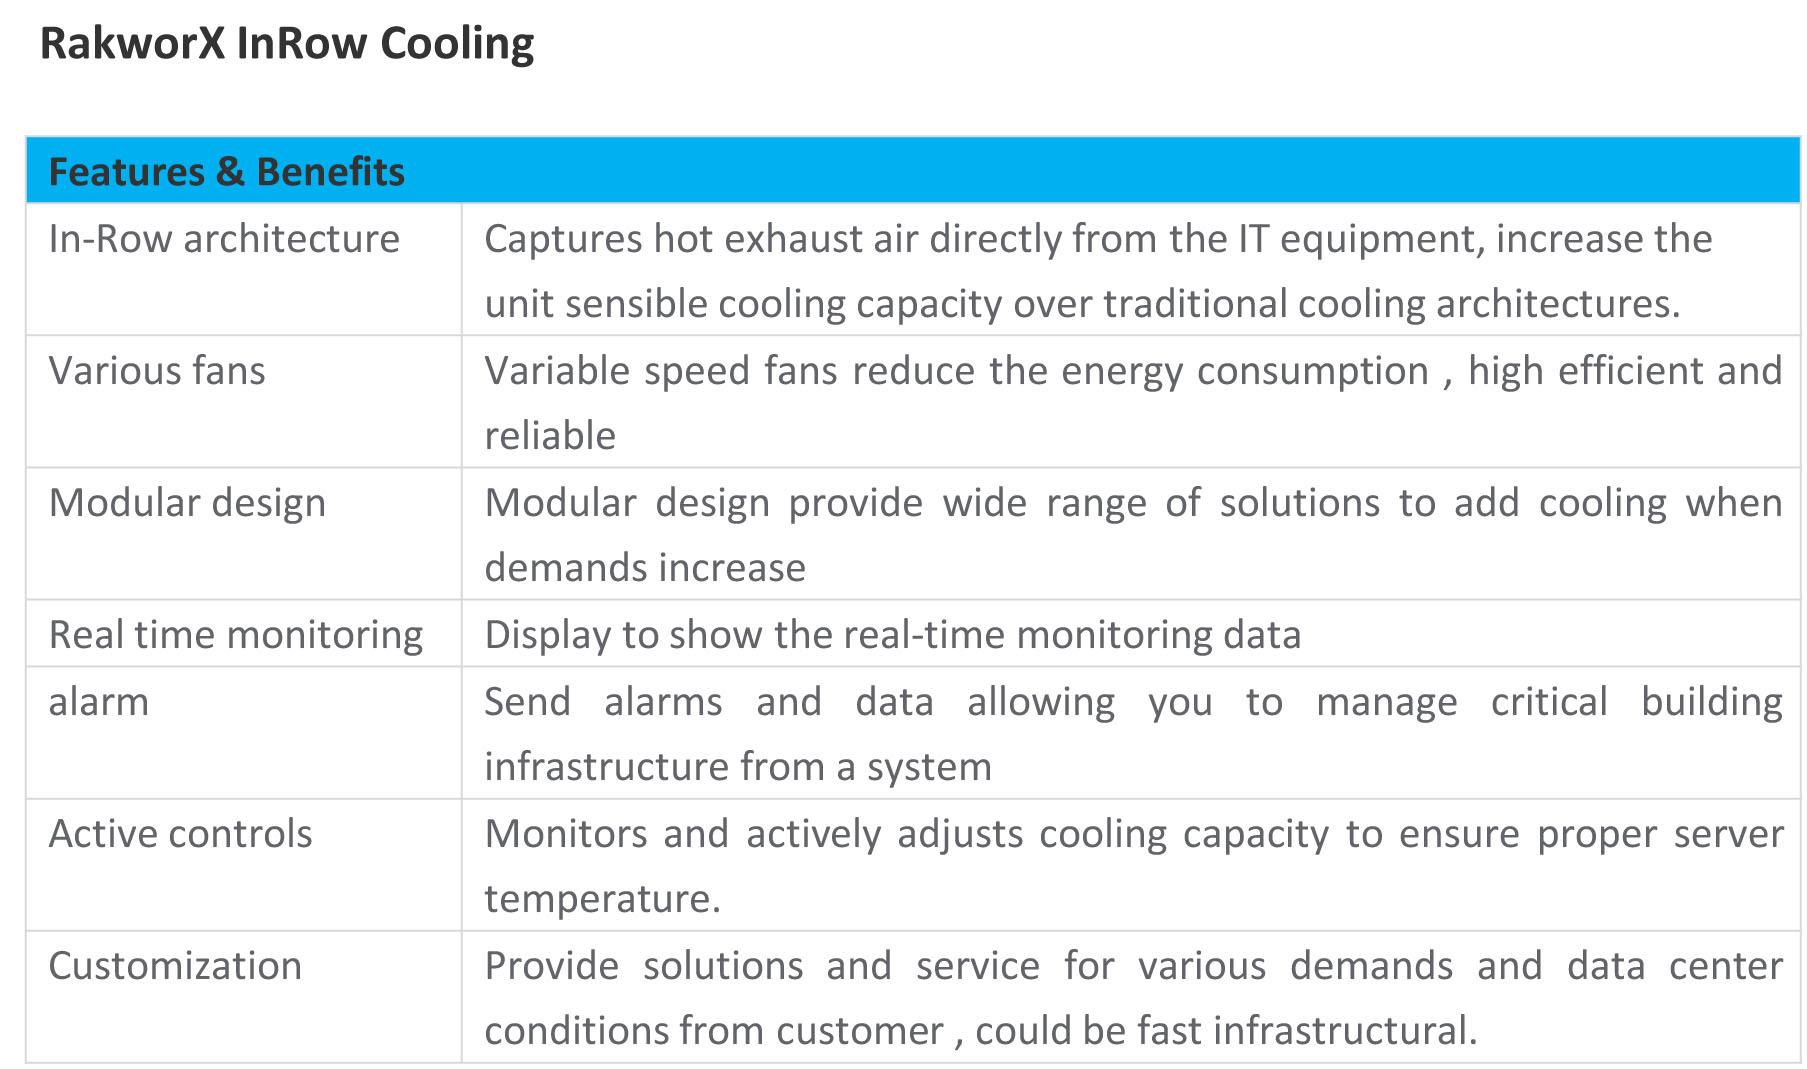 RakworX InRow Cooling